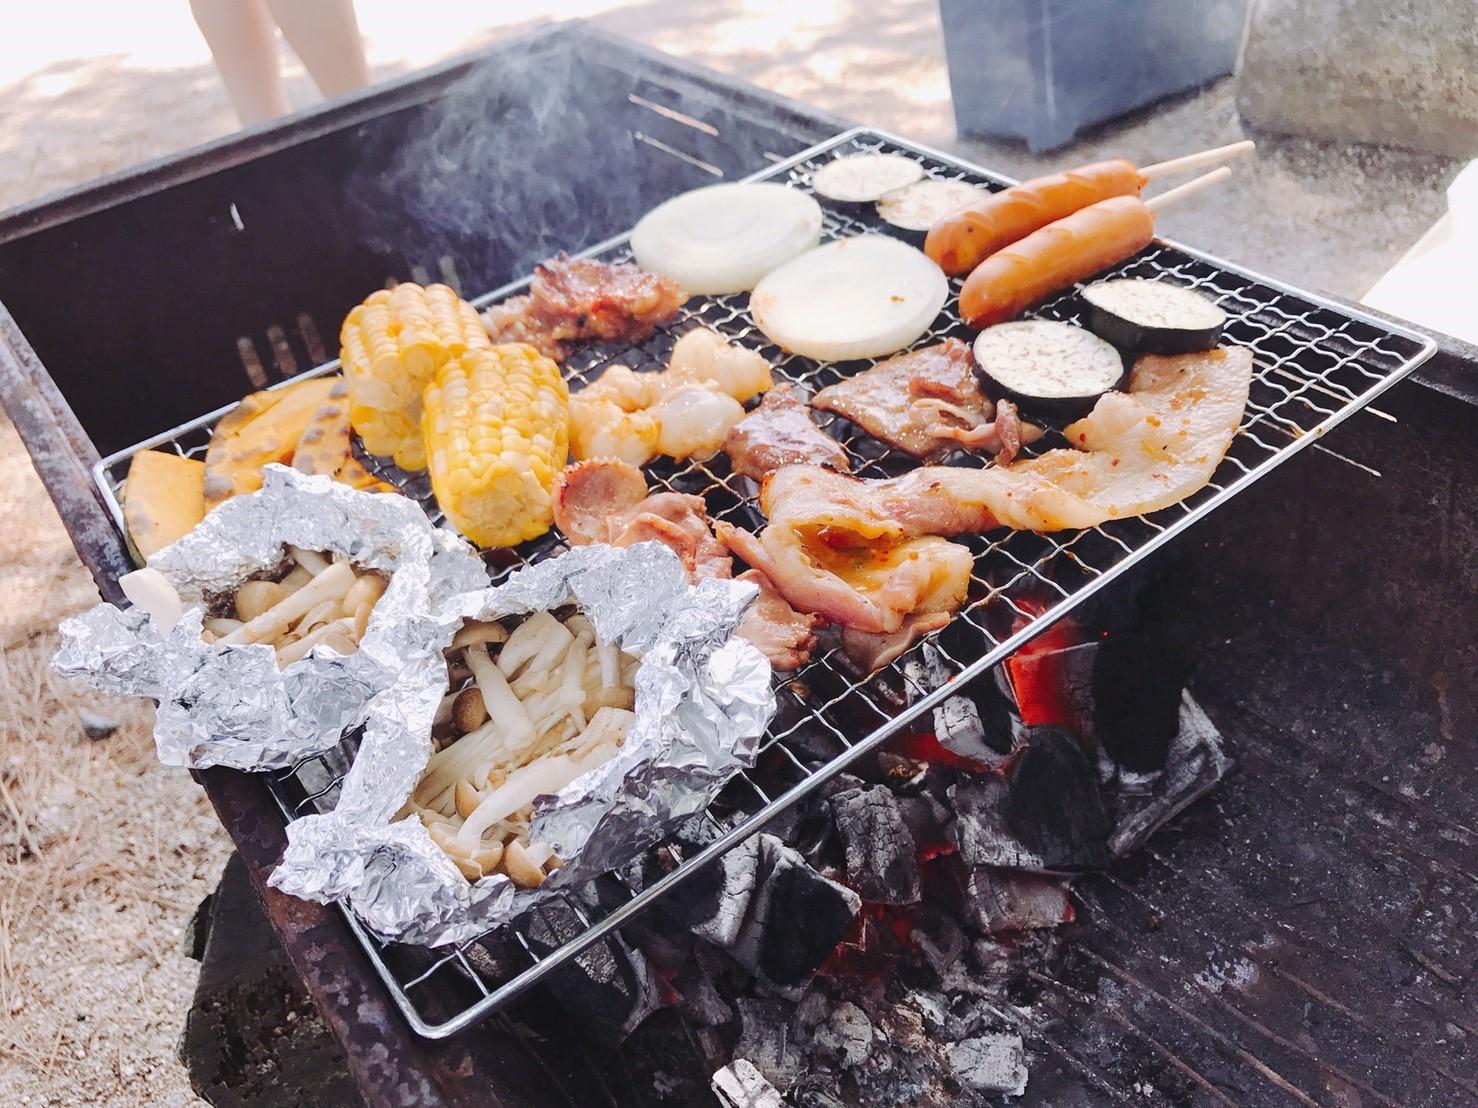 【開催済み】4/13(土)16時~18時お花見BBQ♪服緑地公園でBBQイベント【フリードリンク料理付き】運命的な出逢いを応援します♪